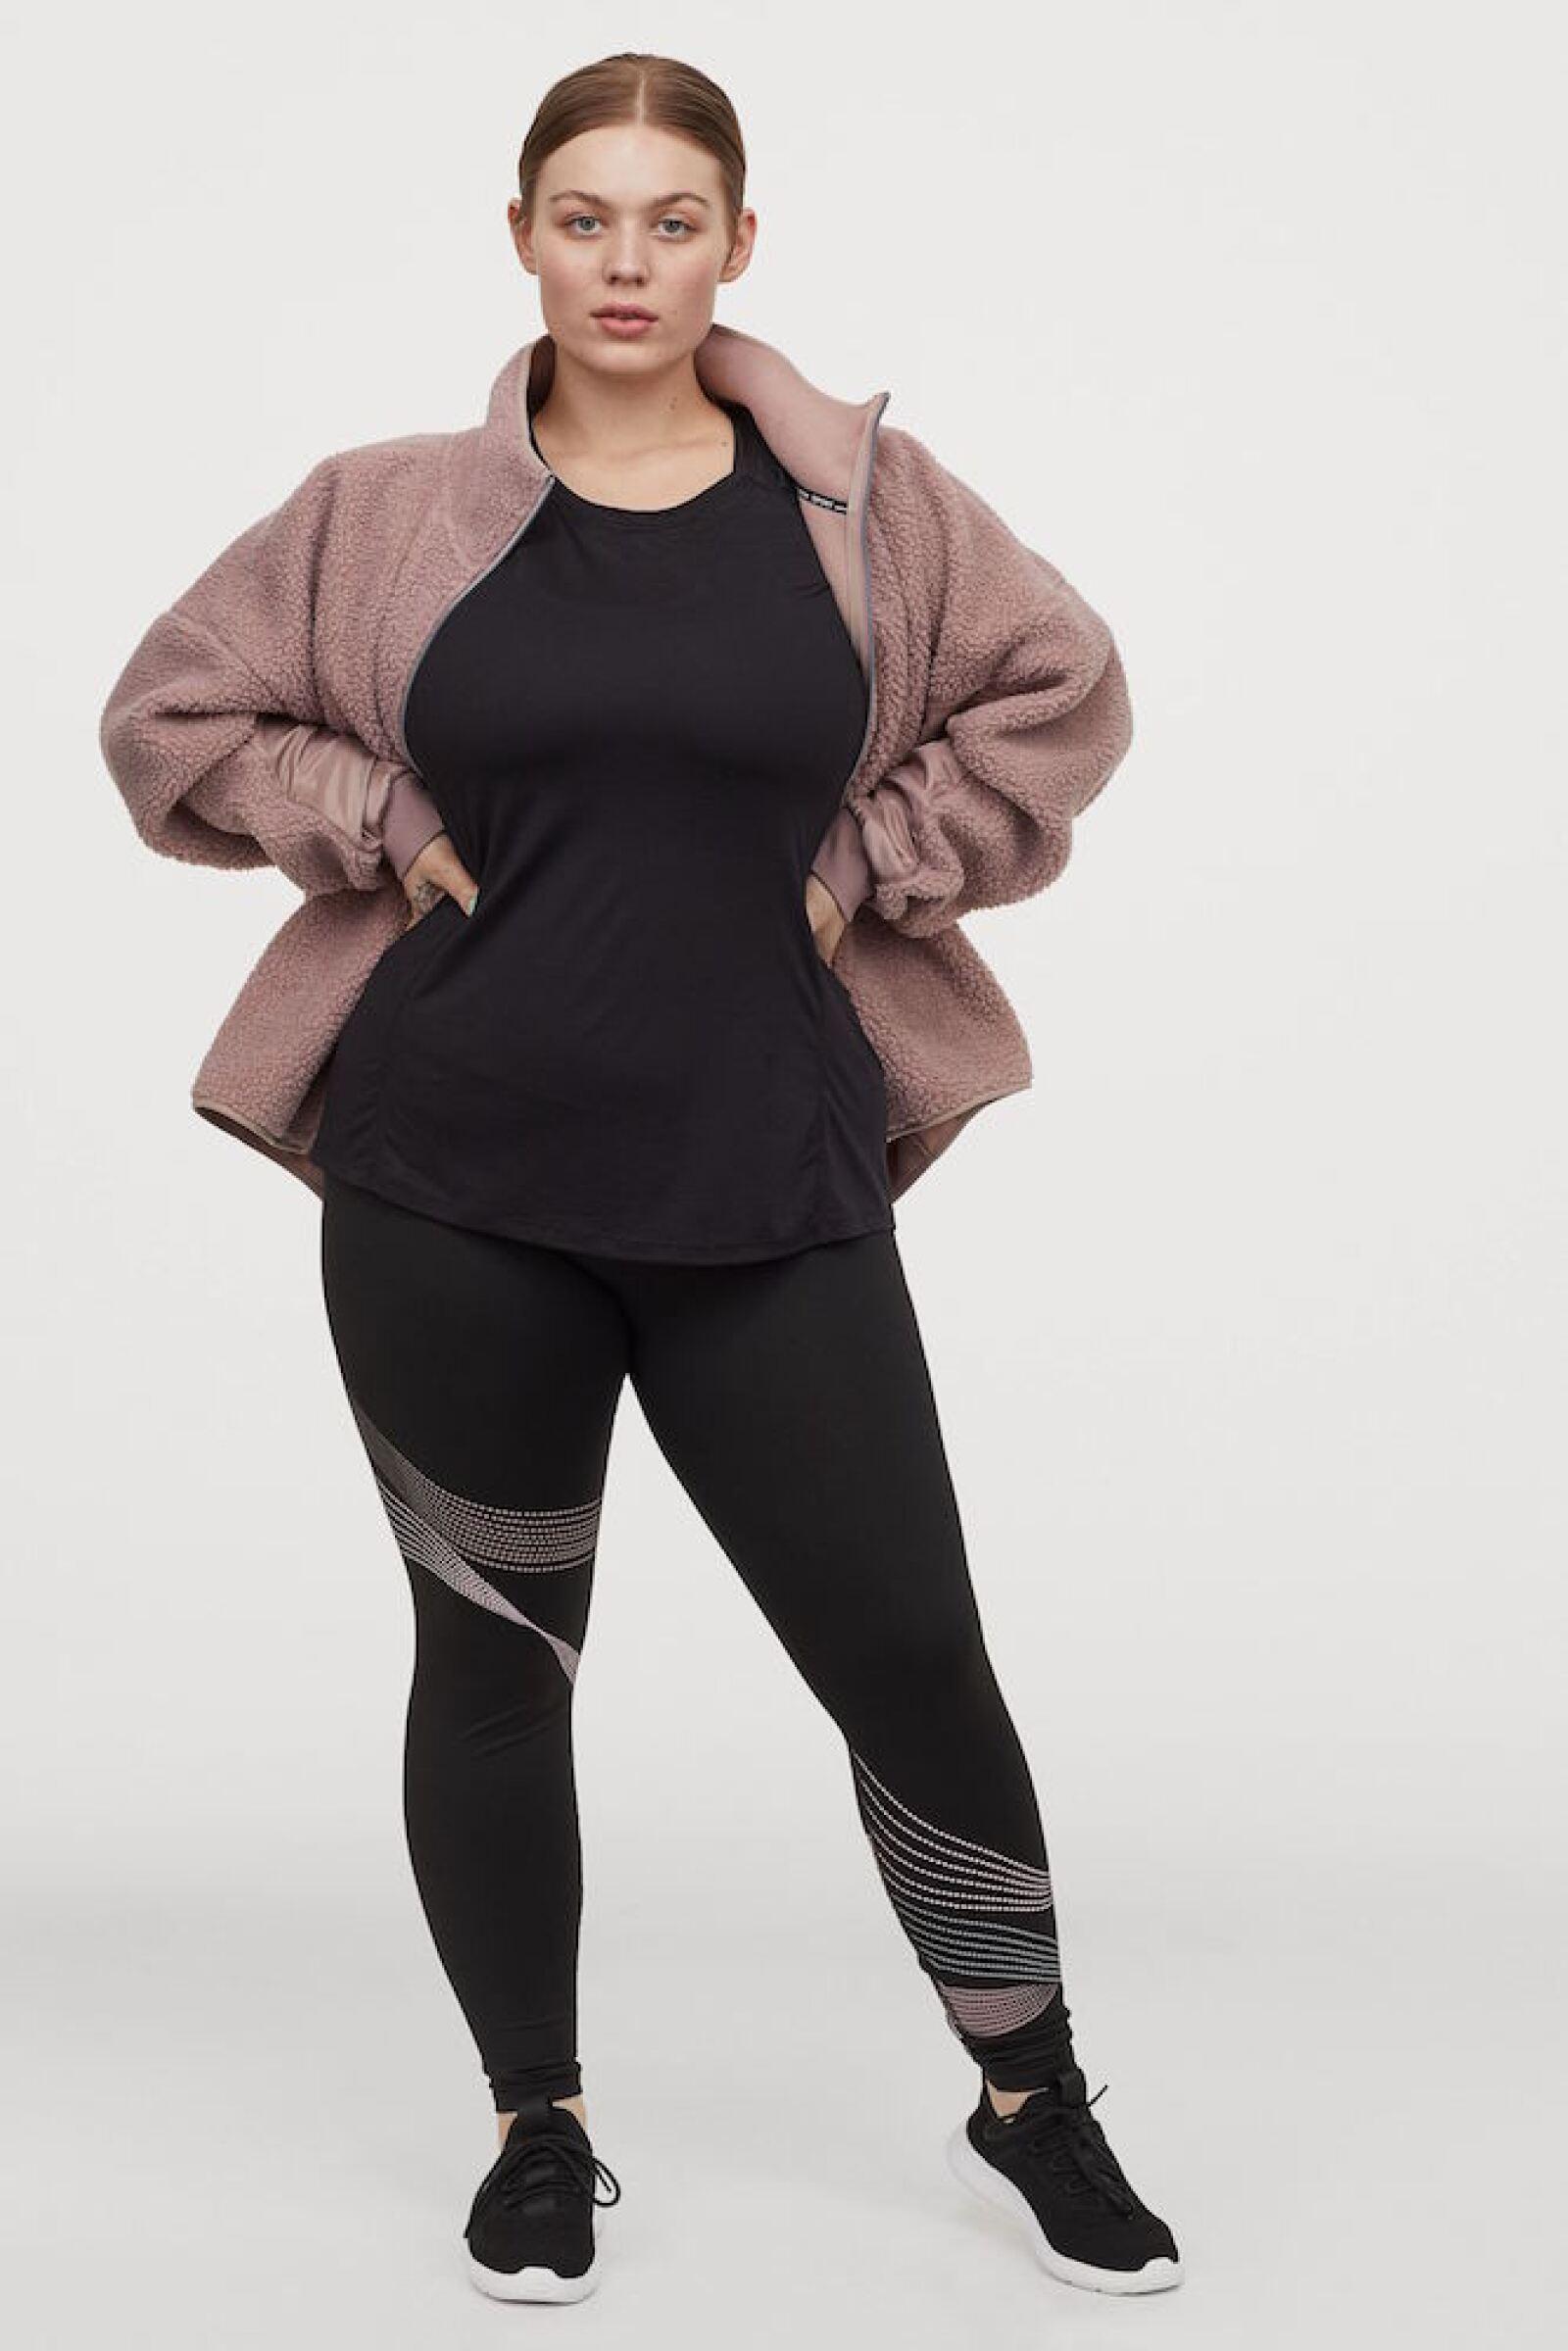 No hay pretexto, hay para todas las tallas, lo importante es activarse. hm.com / Chamarra: $699, top: $299, leggins: $399